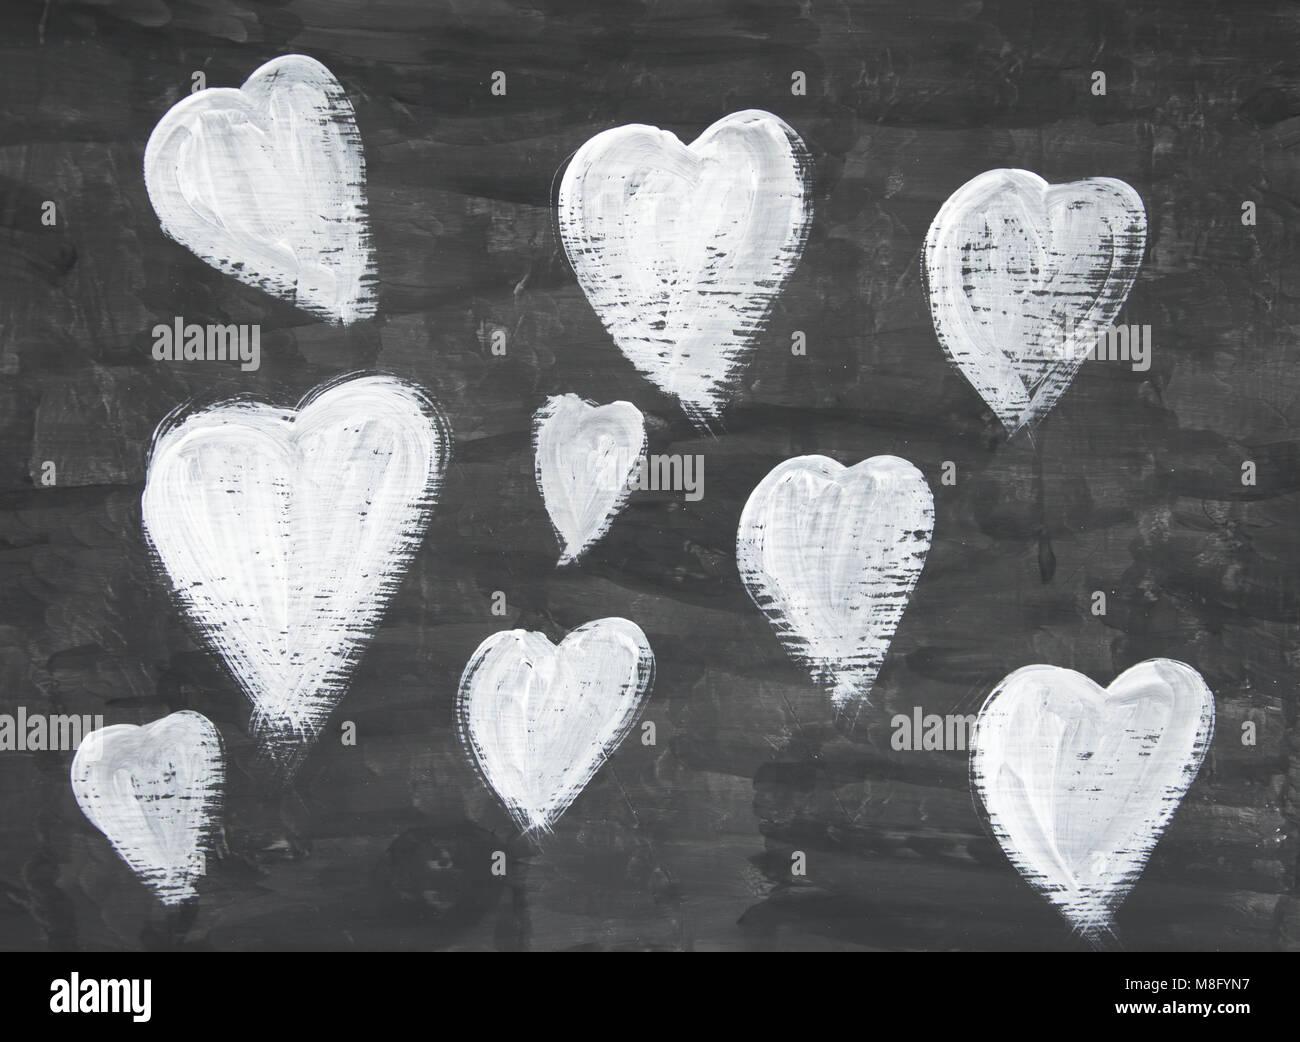 Mano Pintada En Blanco Y Negro Amor Corazones Foto Imagen De Stock